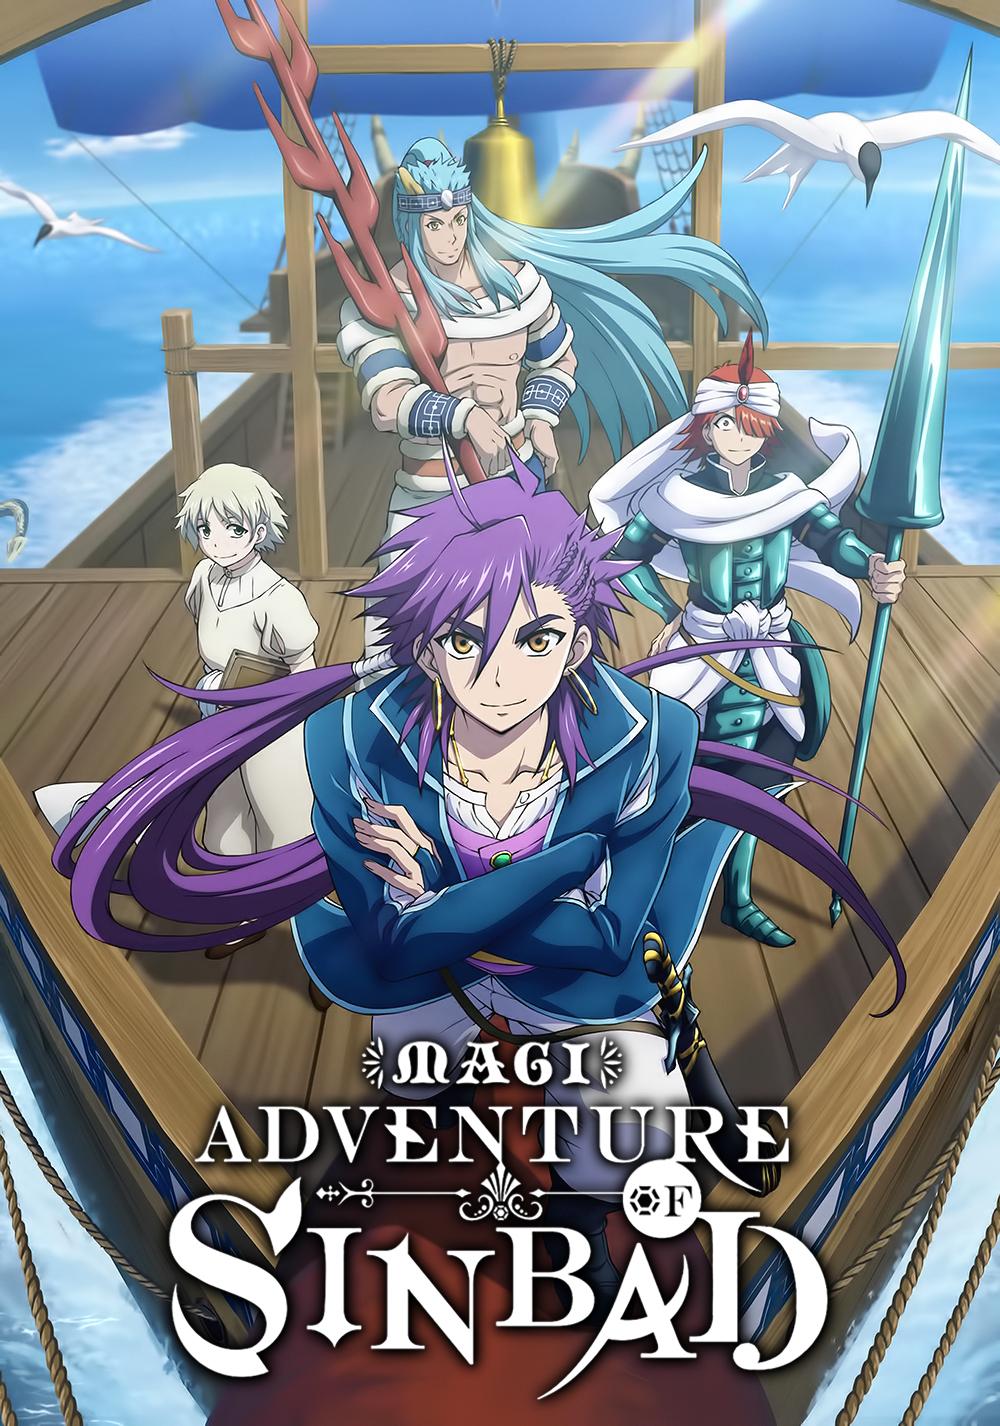 Magi Adventure Of Sinbad